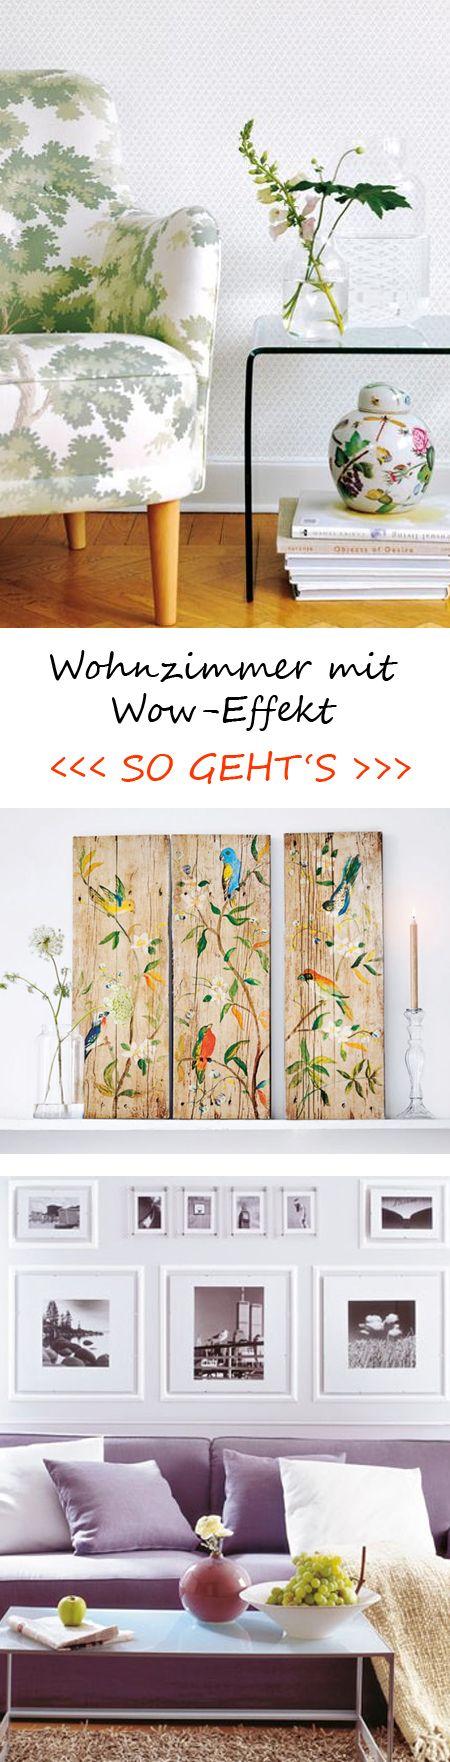 50+ best Wohnzimmer images on Pinterest | Fragen, Zuhause und ...